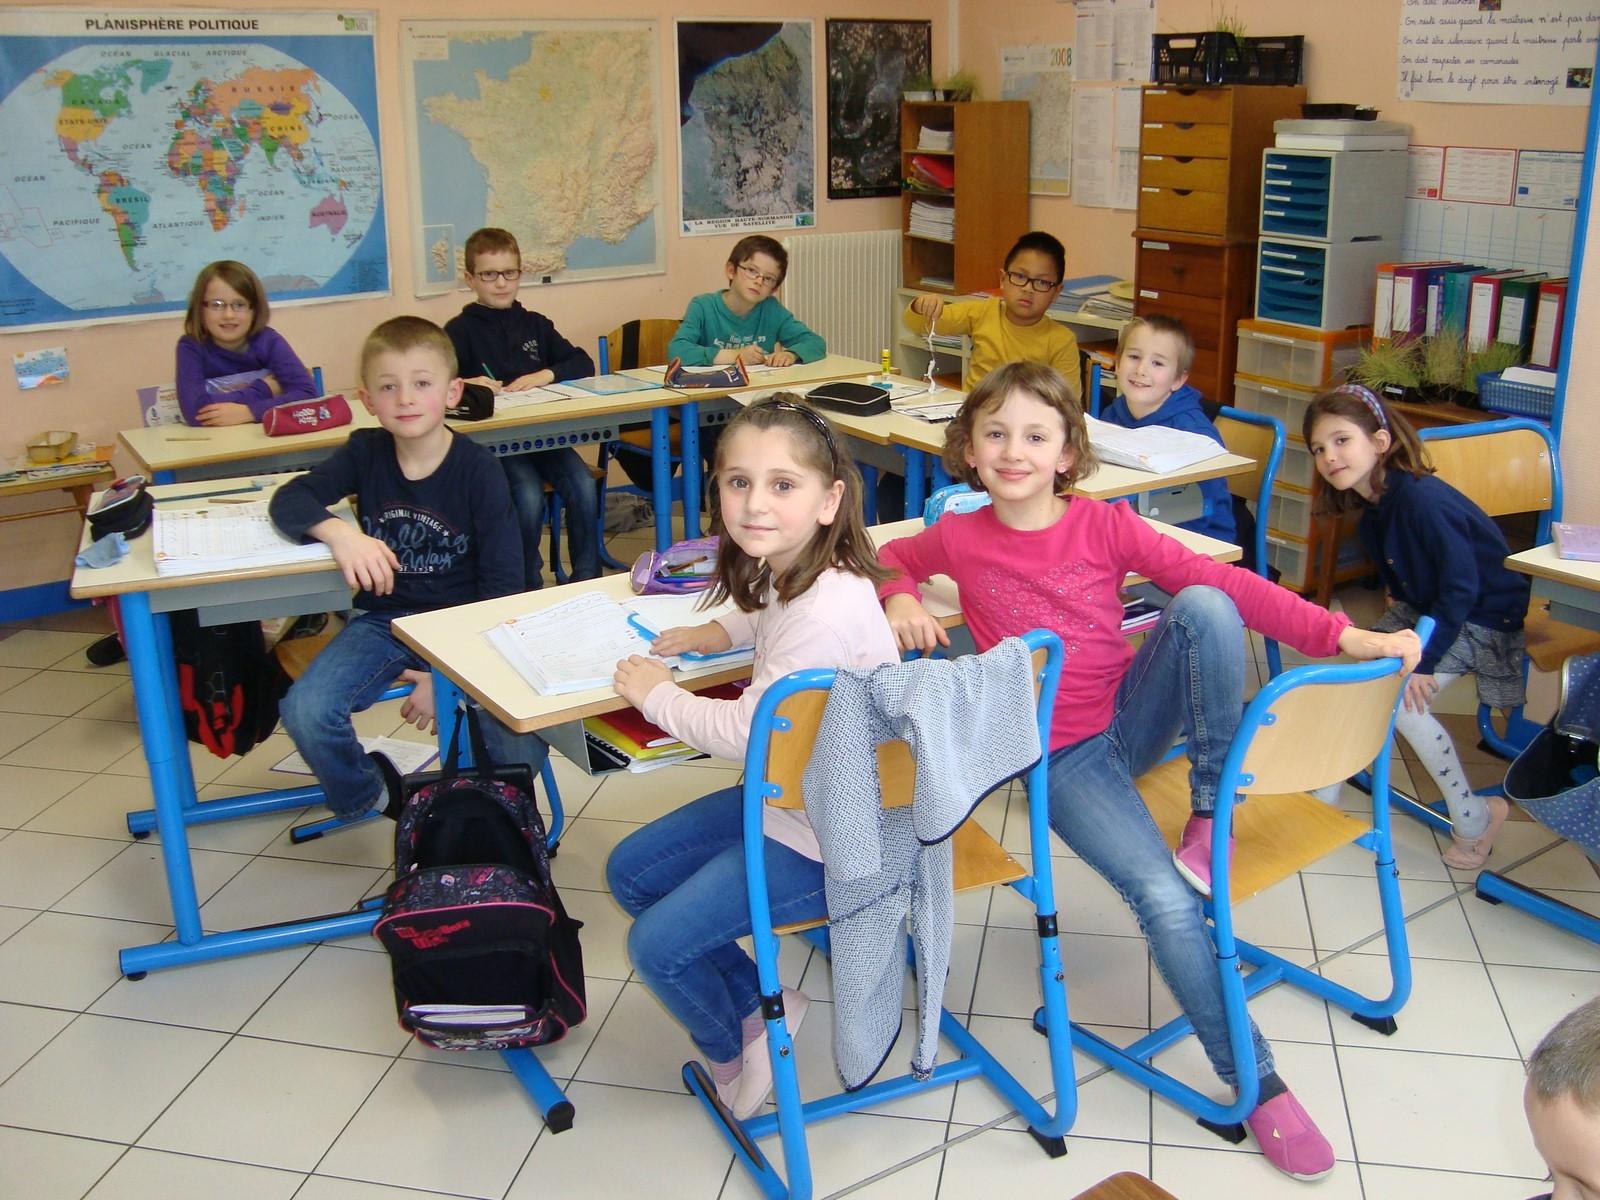 Ecole - Classe des petits